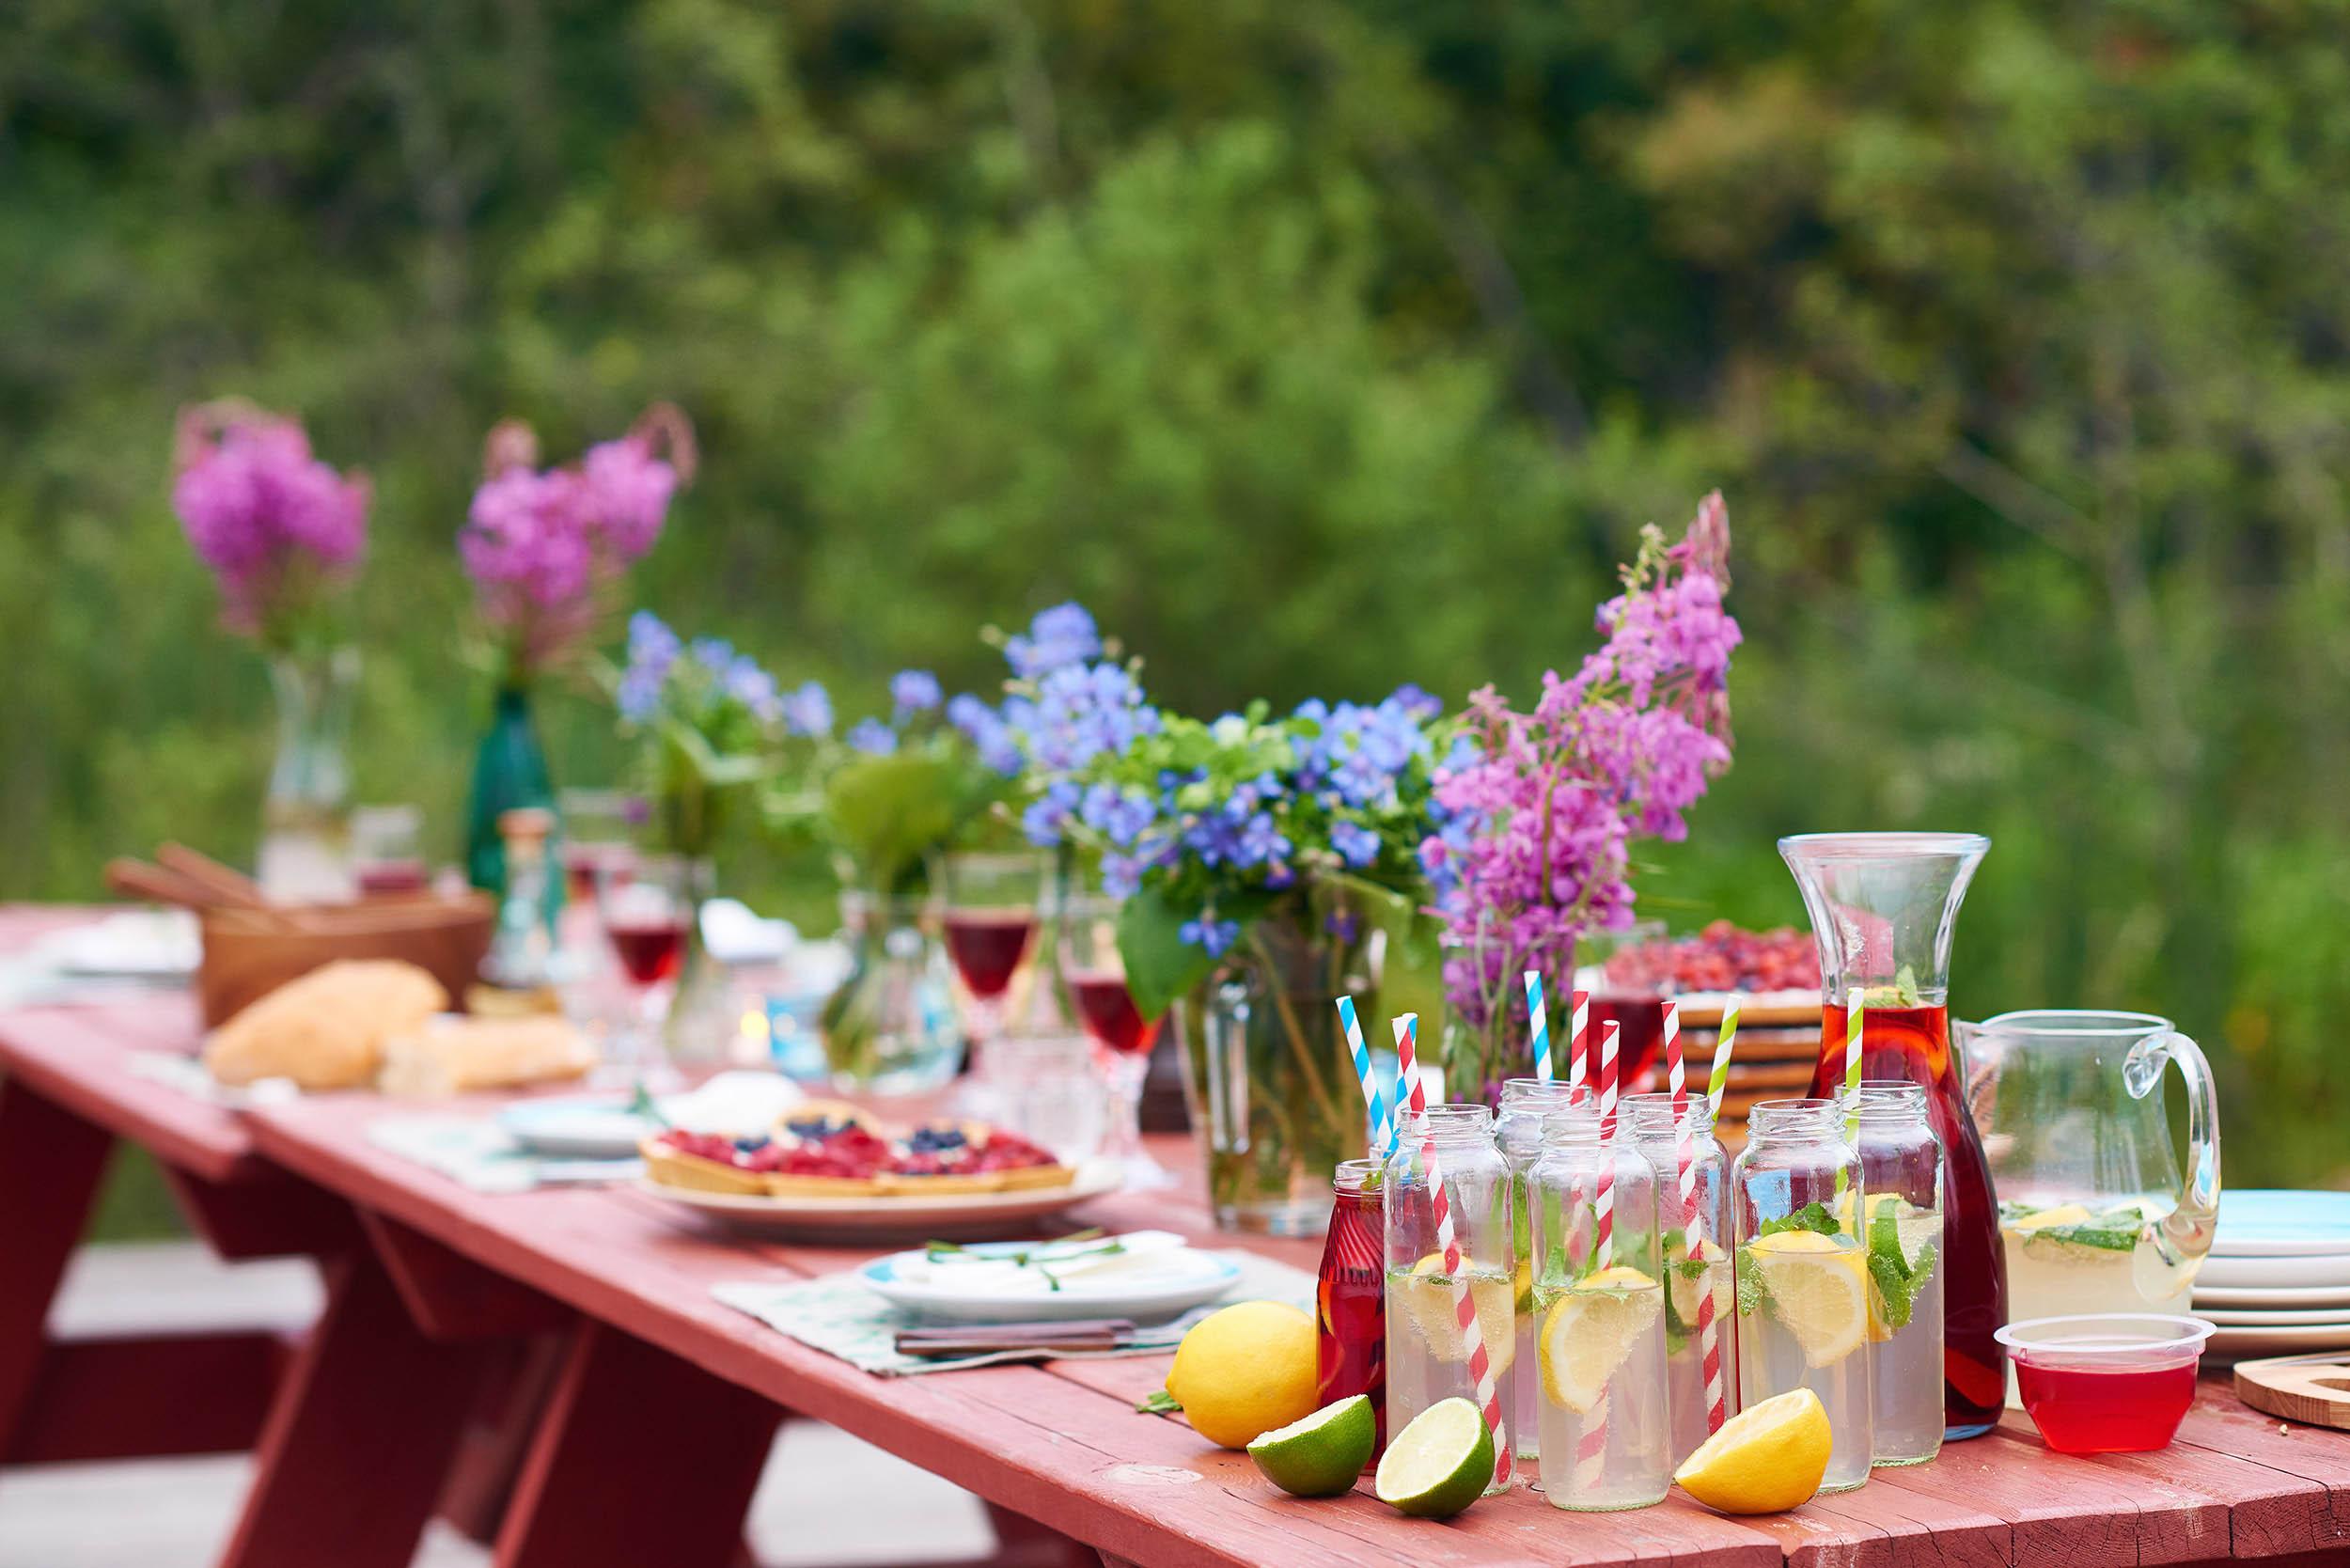 Picknick, Sommer, Gäste, Freunde, Dekorationen, Summer Fun, Grillen